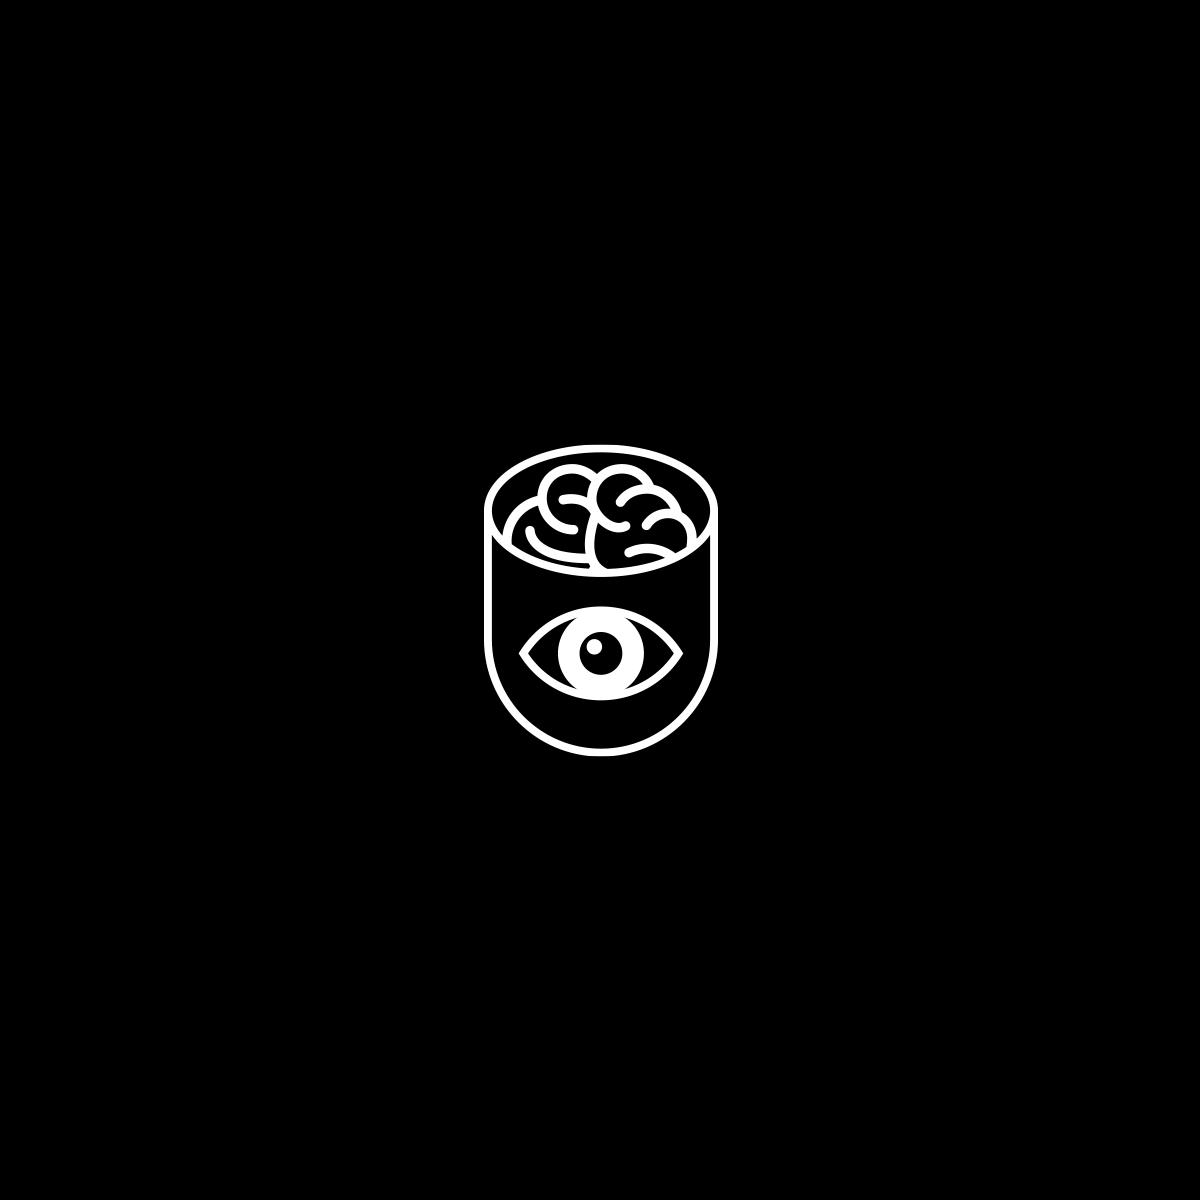 logocollection-v2-3